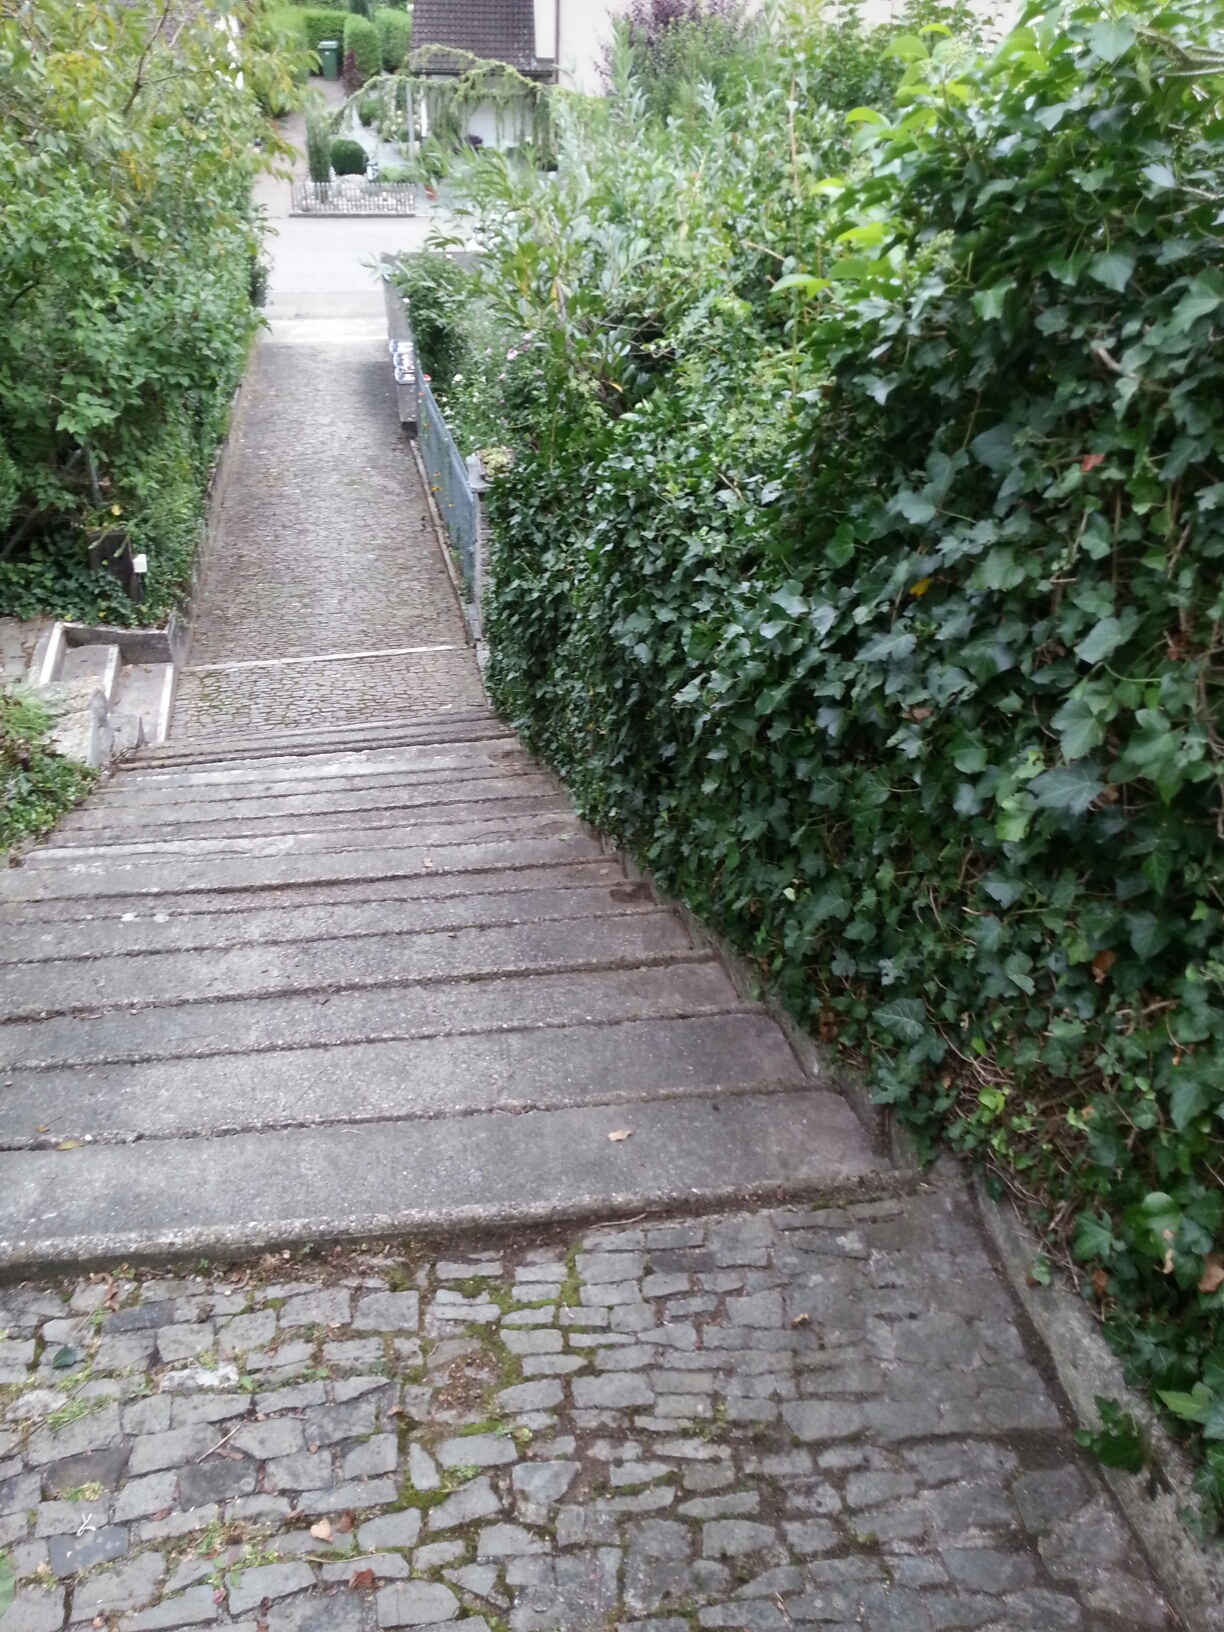 Aufgang zu einer Wohnanlage - Stockwerkseigentümergemeinschaft - ohne Handlauf